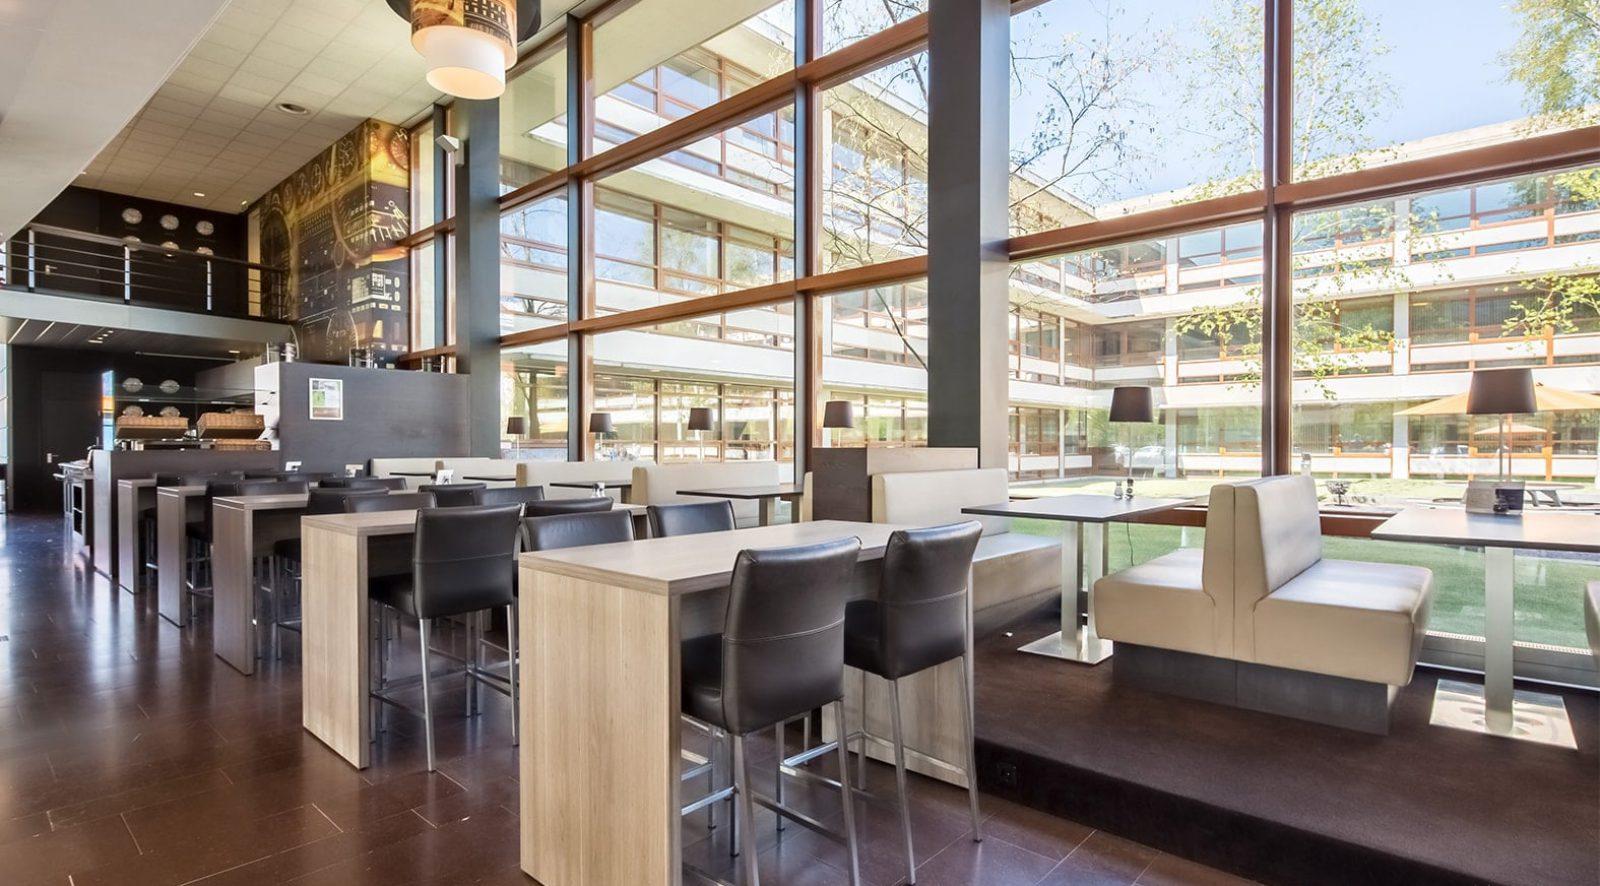 Kantoorruimte in Rijen   Crown Business Center Gilze-Rijen